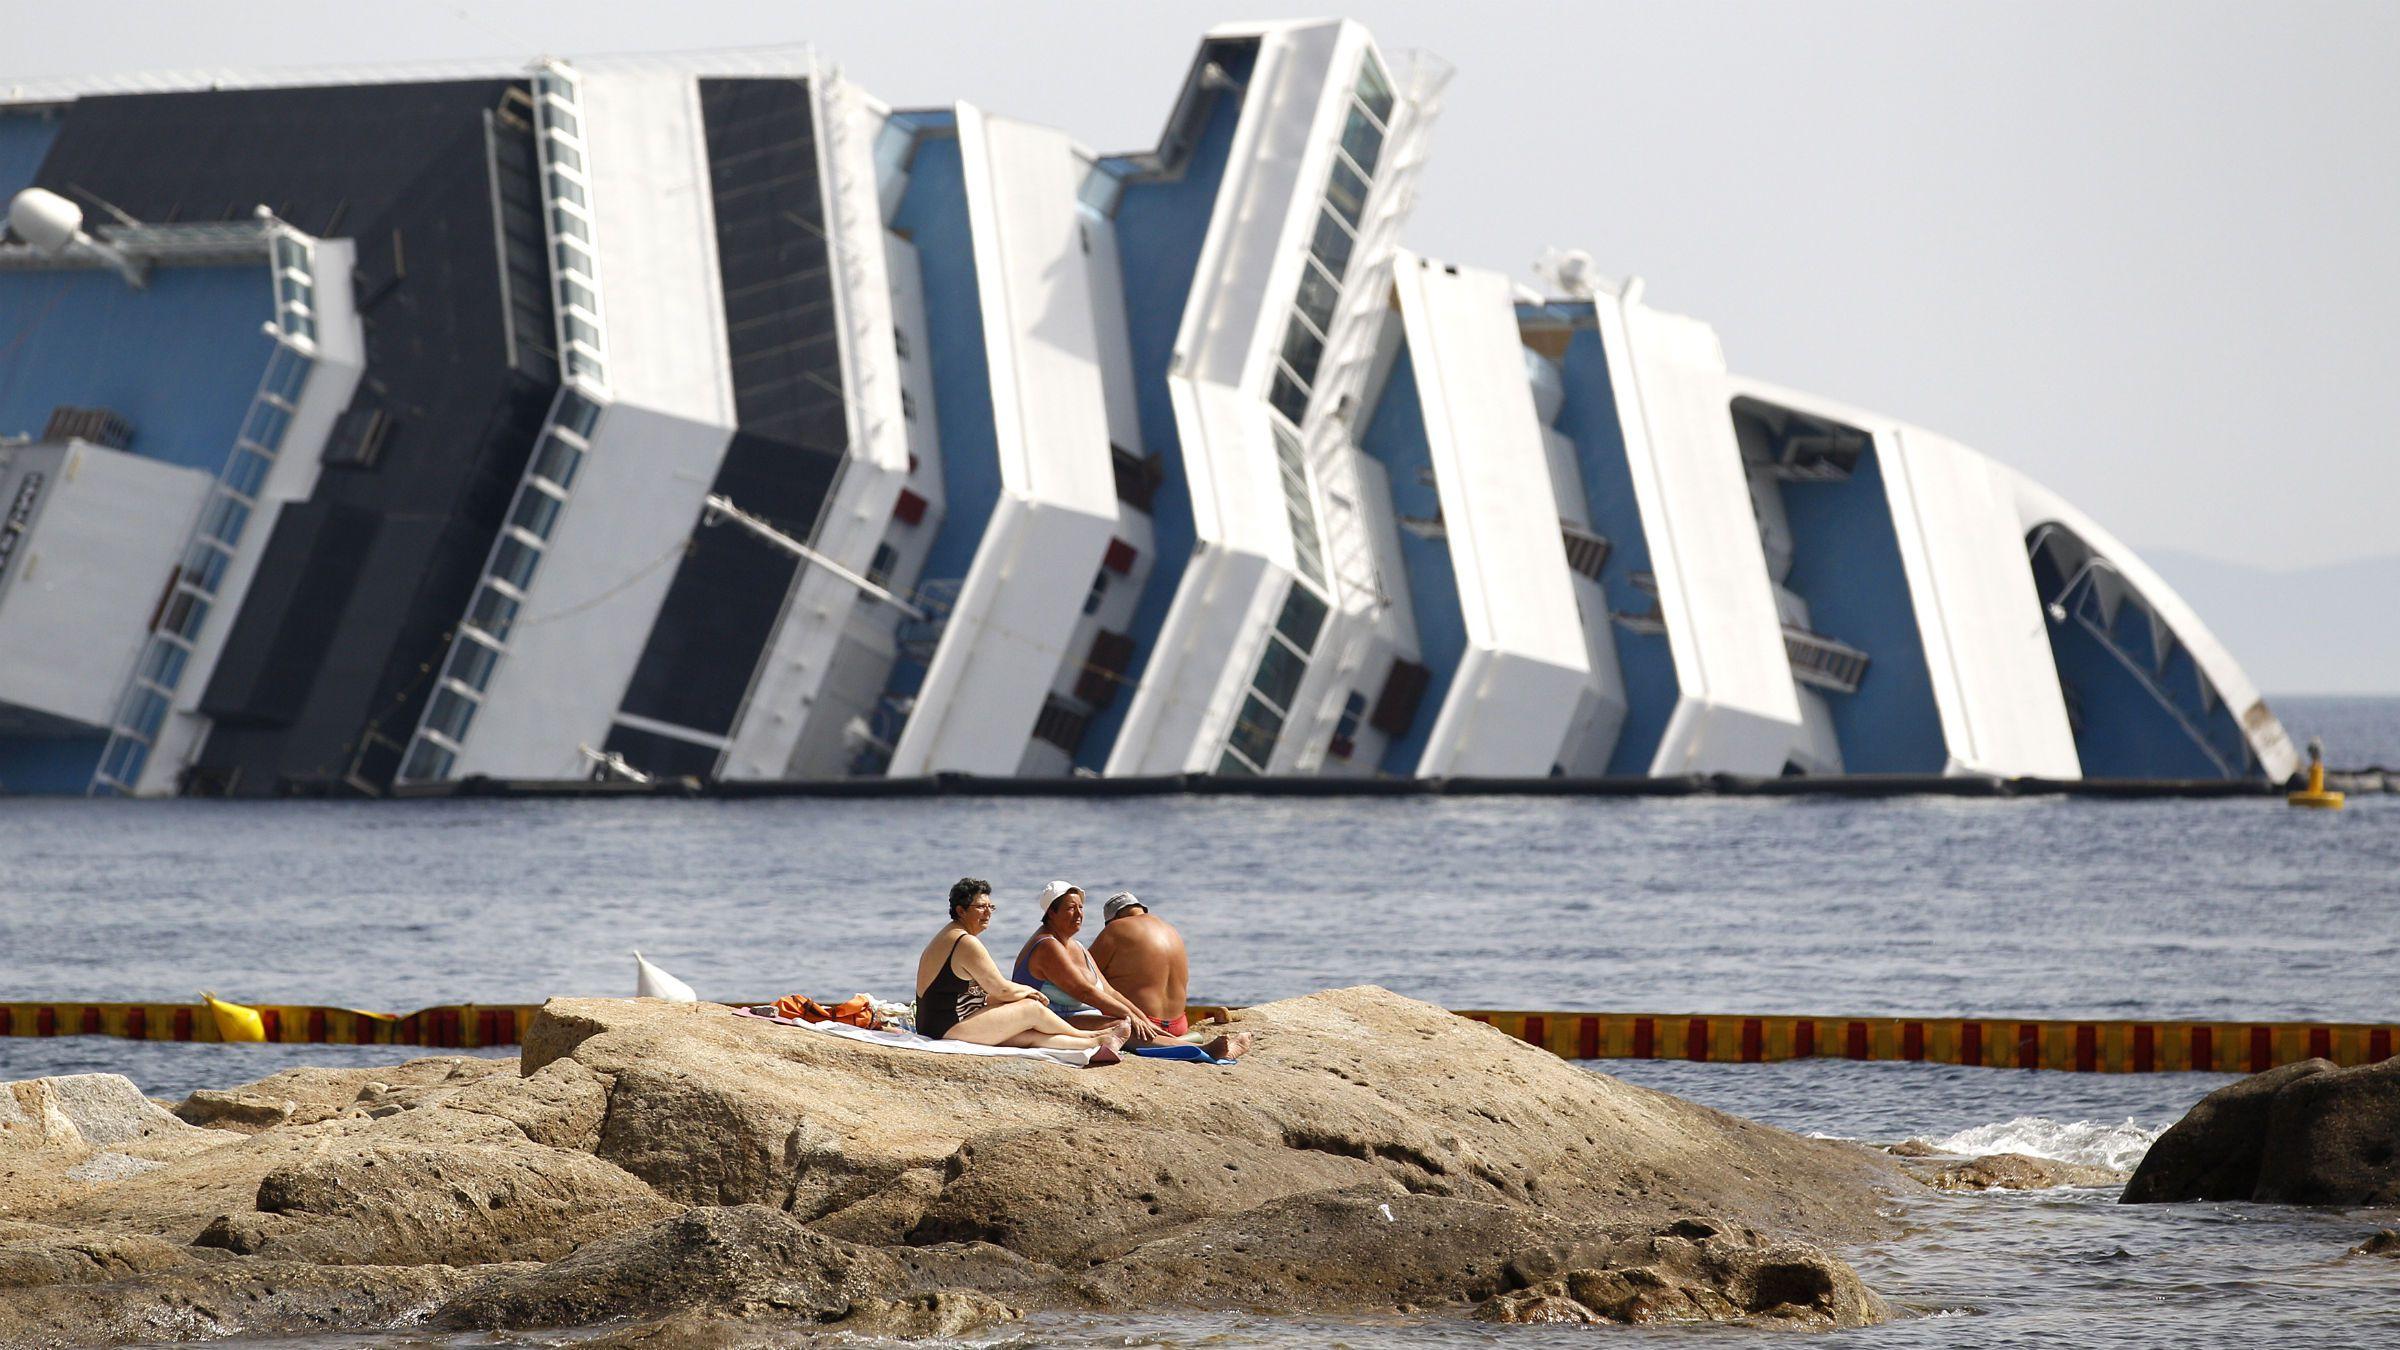 The capsized relic of Costa Concordia